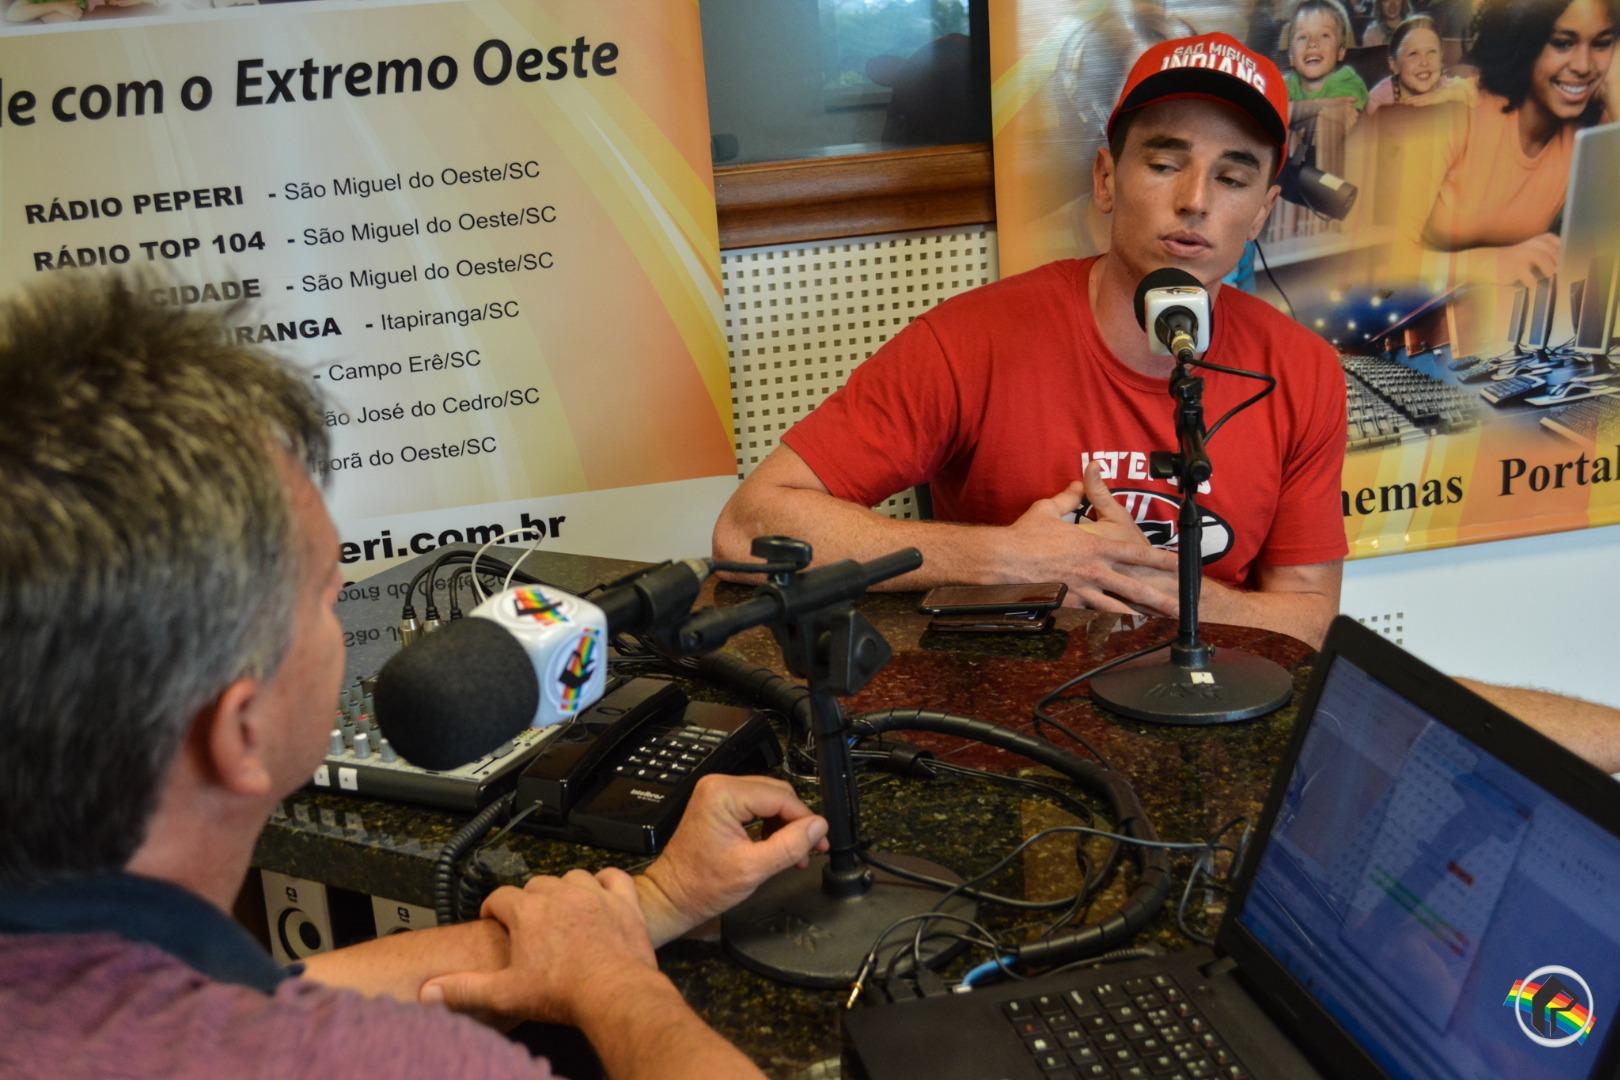 Jogador da Seleção Brasileira de Futebol Americano visita a Peperi